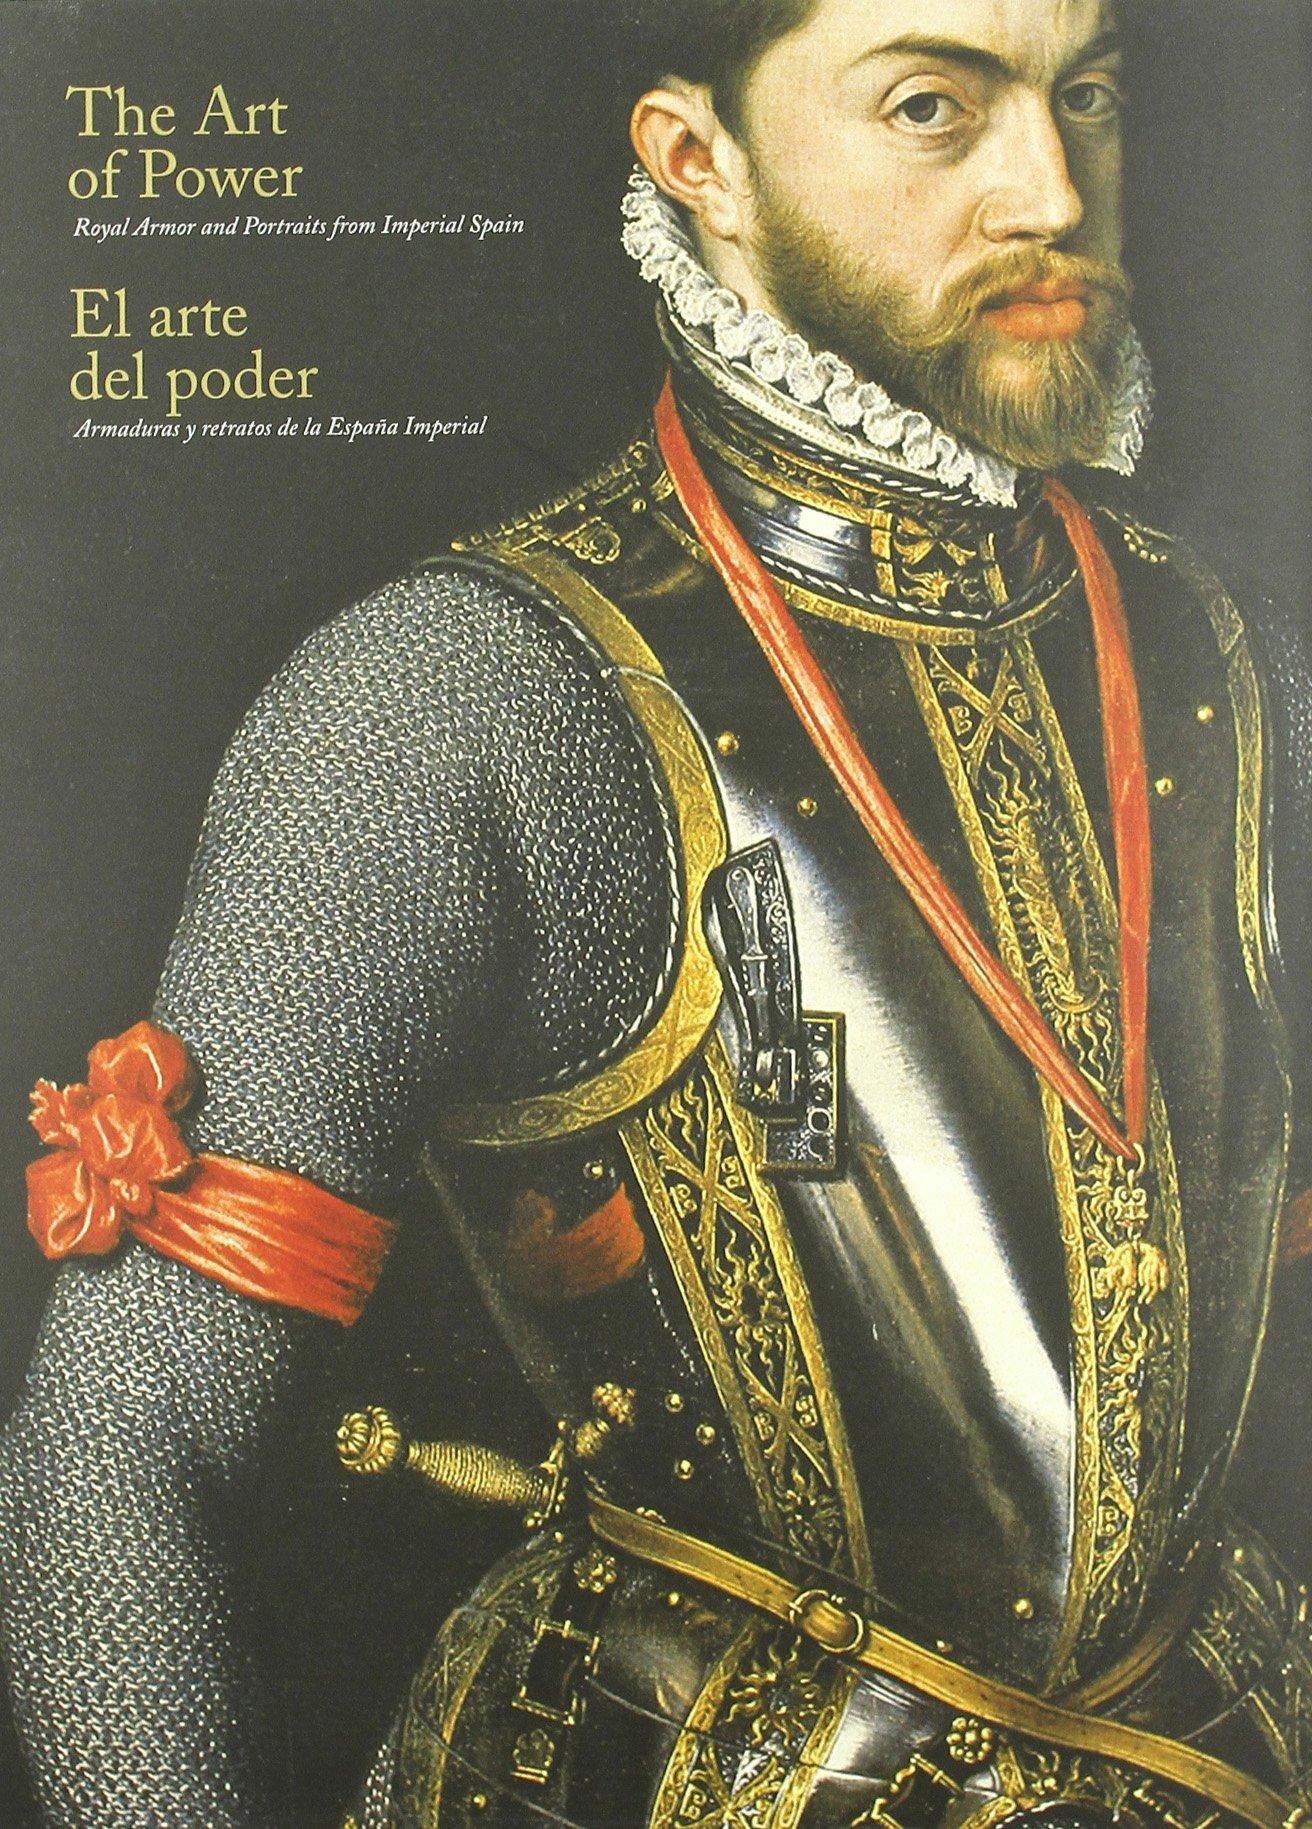 El arte del poder: armaduras y retratos de la España imperial ...